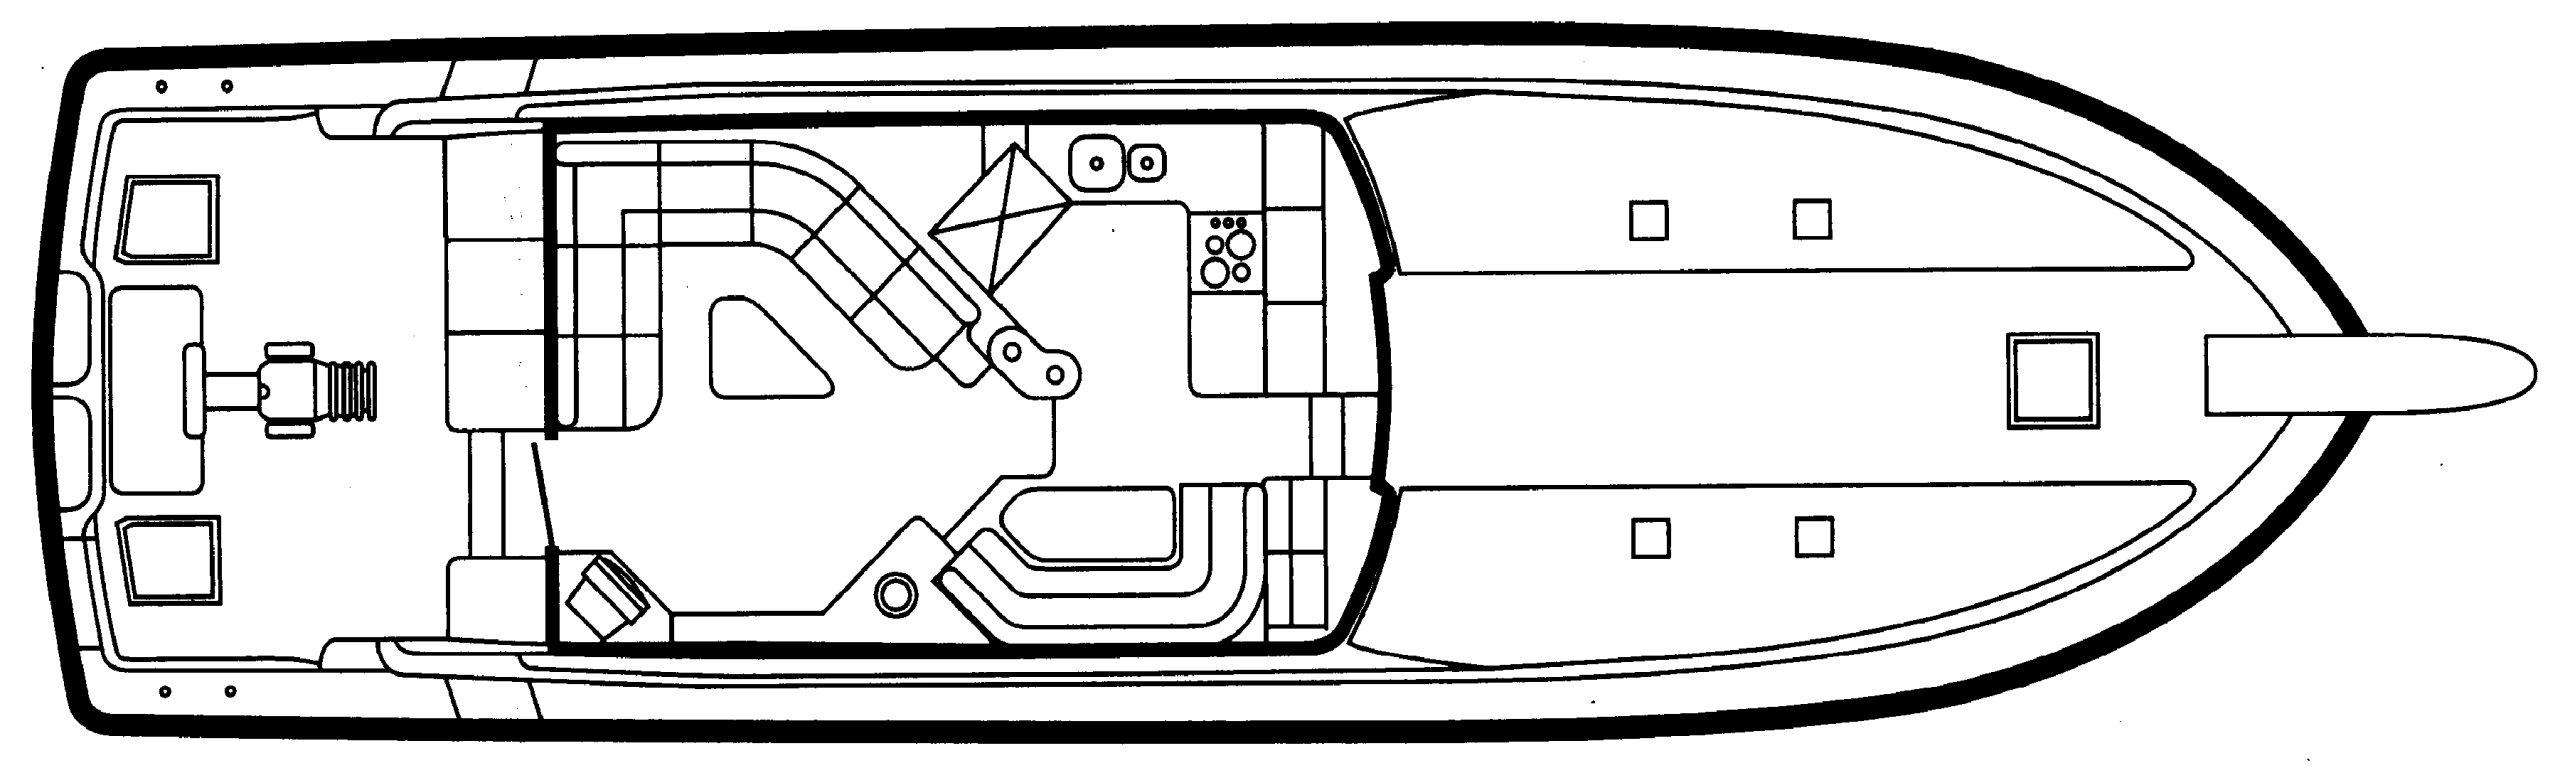 570 Convertible Floor Plan 2